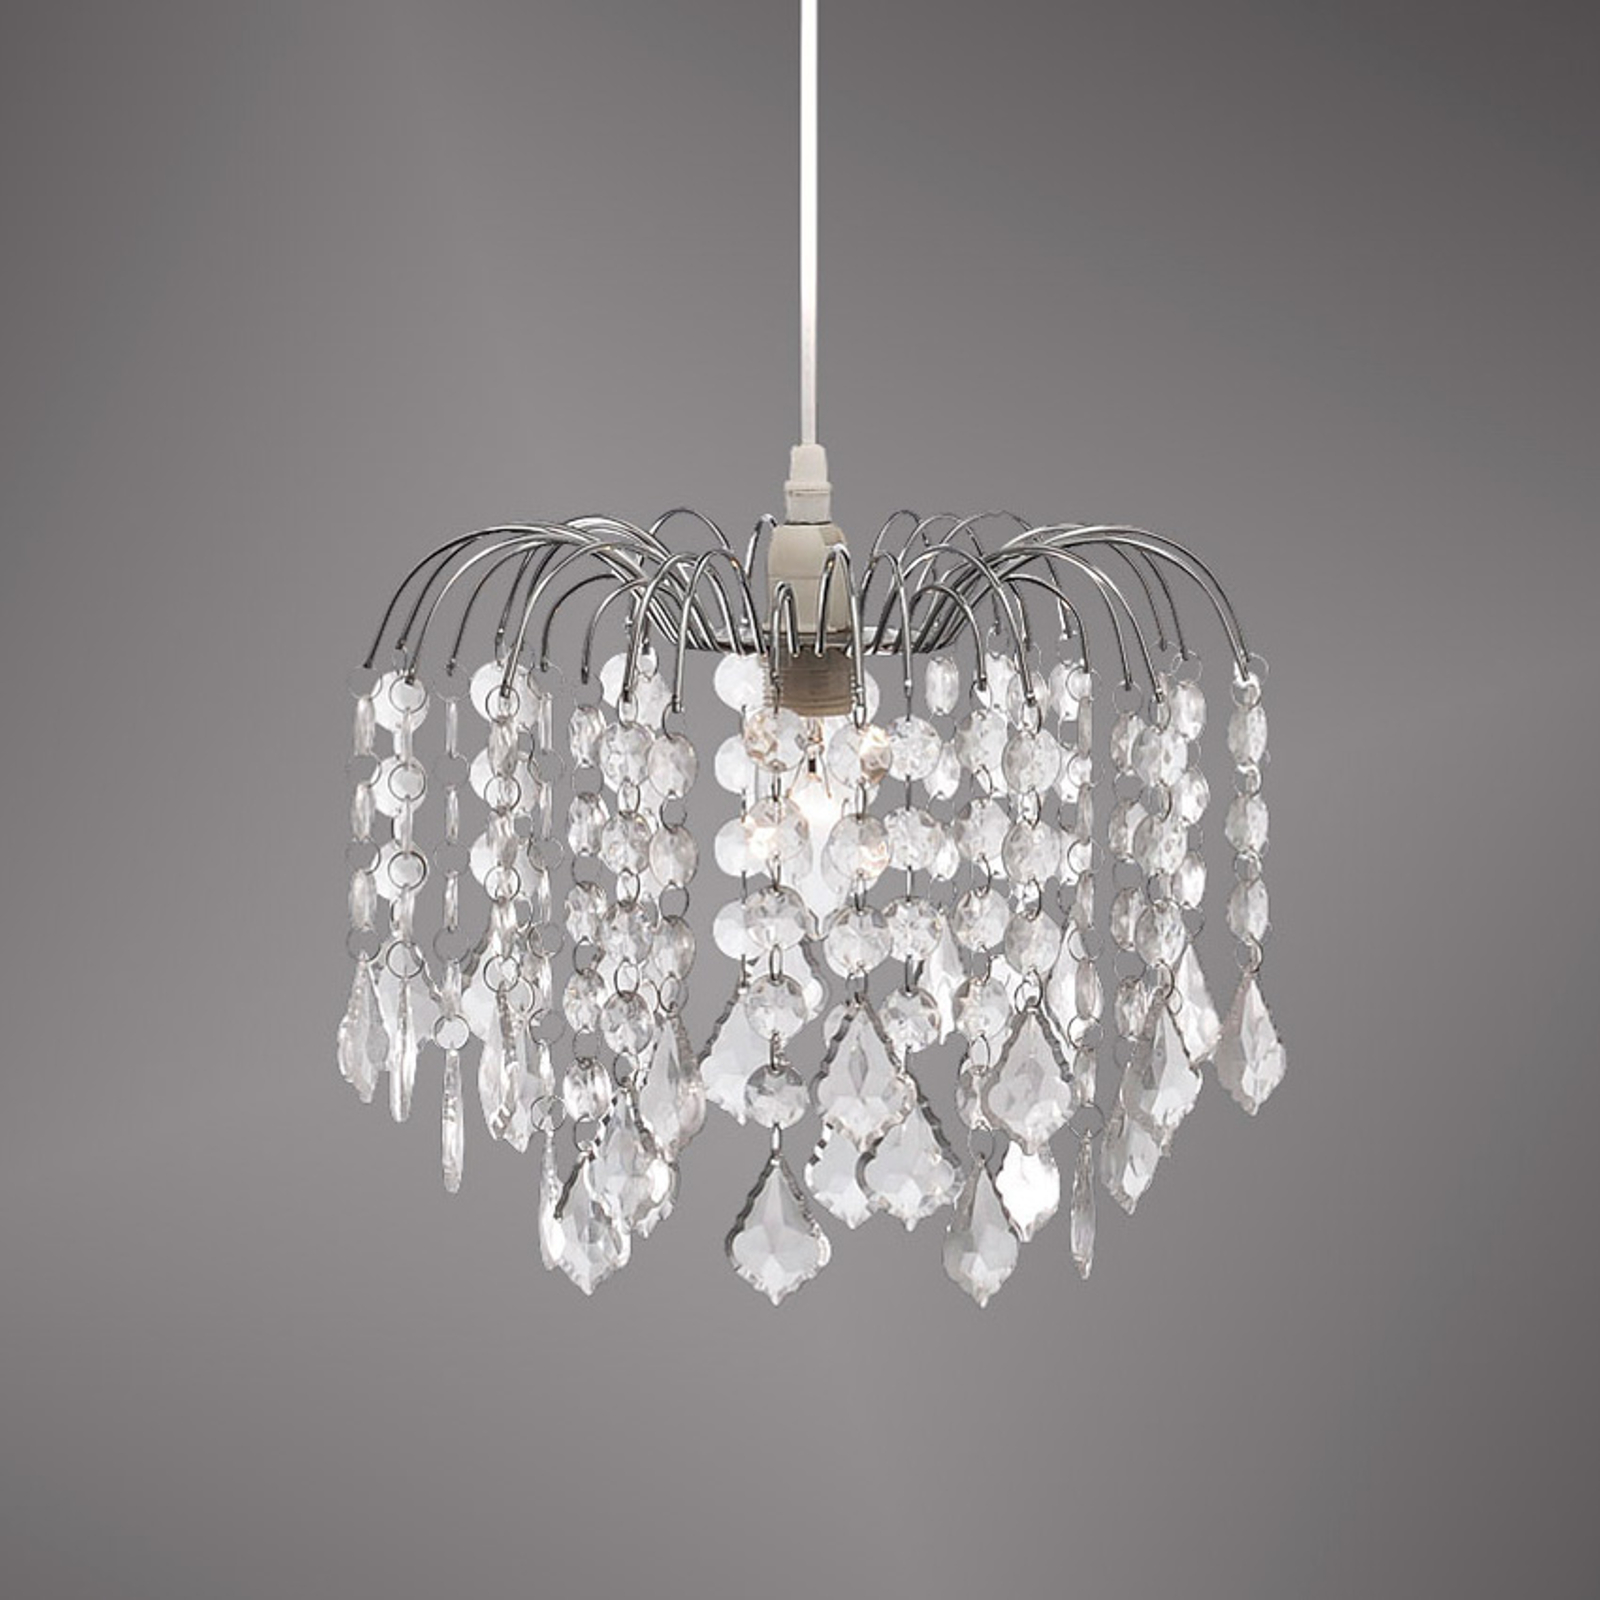 Jelly – lampa wisząca z przejrzystymi zawieszkami